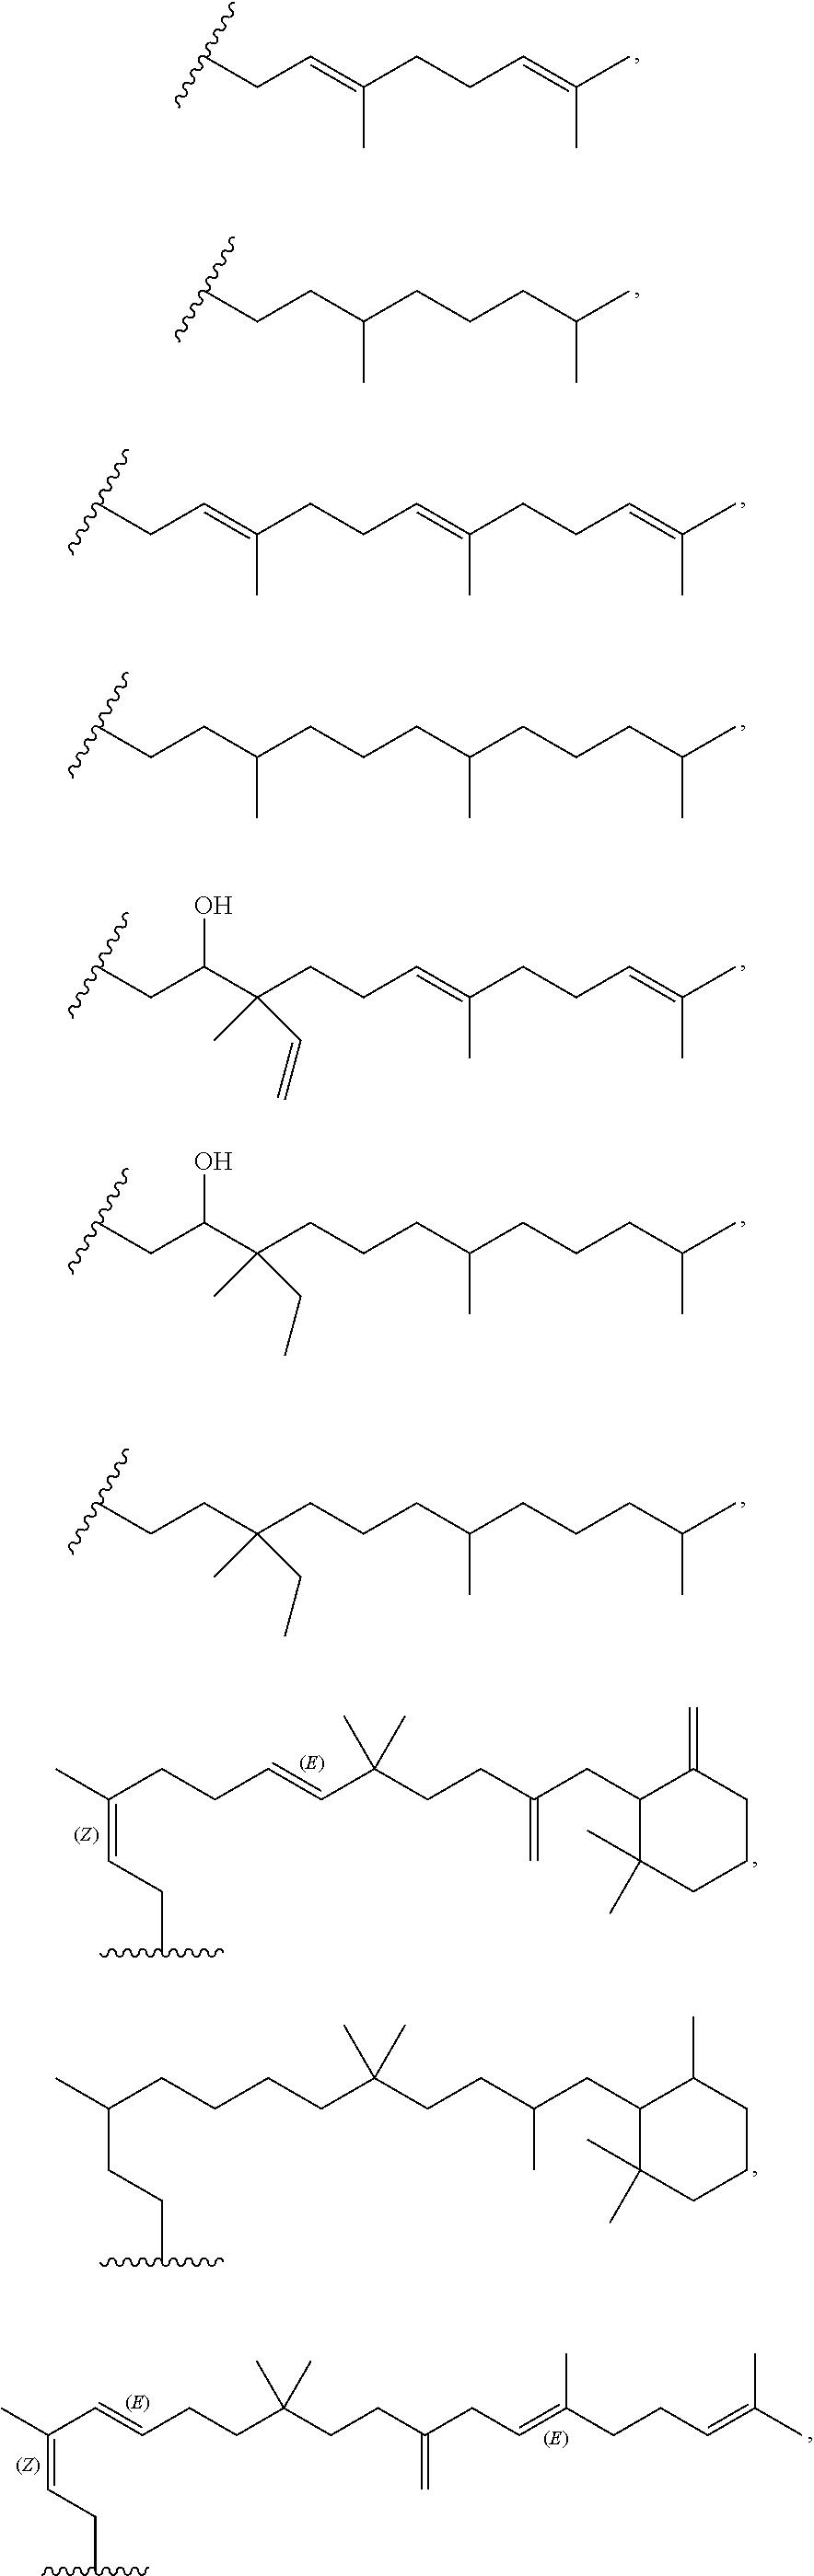 Figure US09902985-20180227-C00035